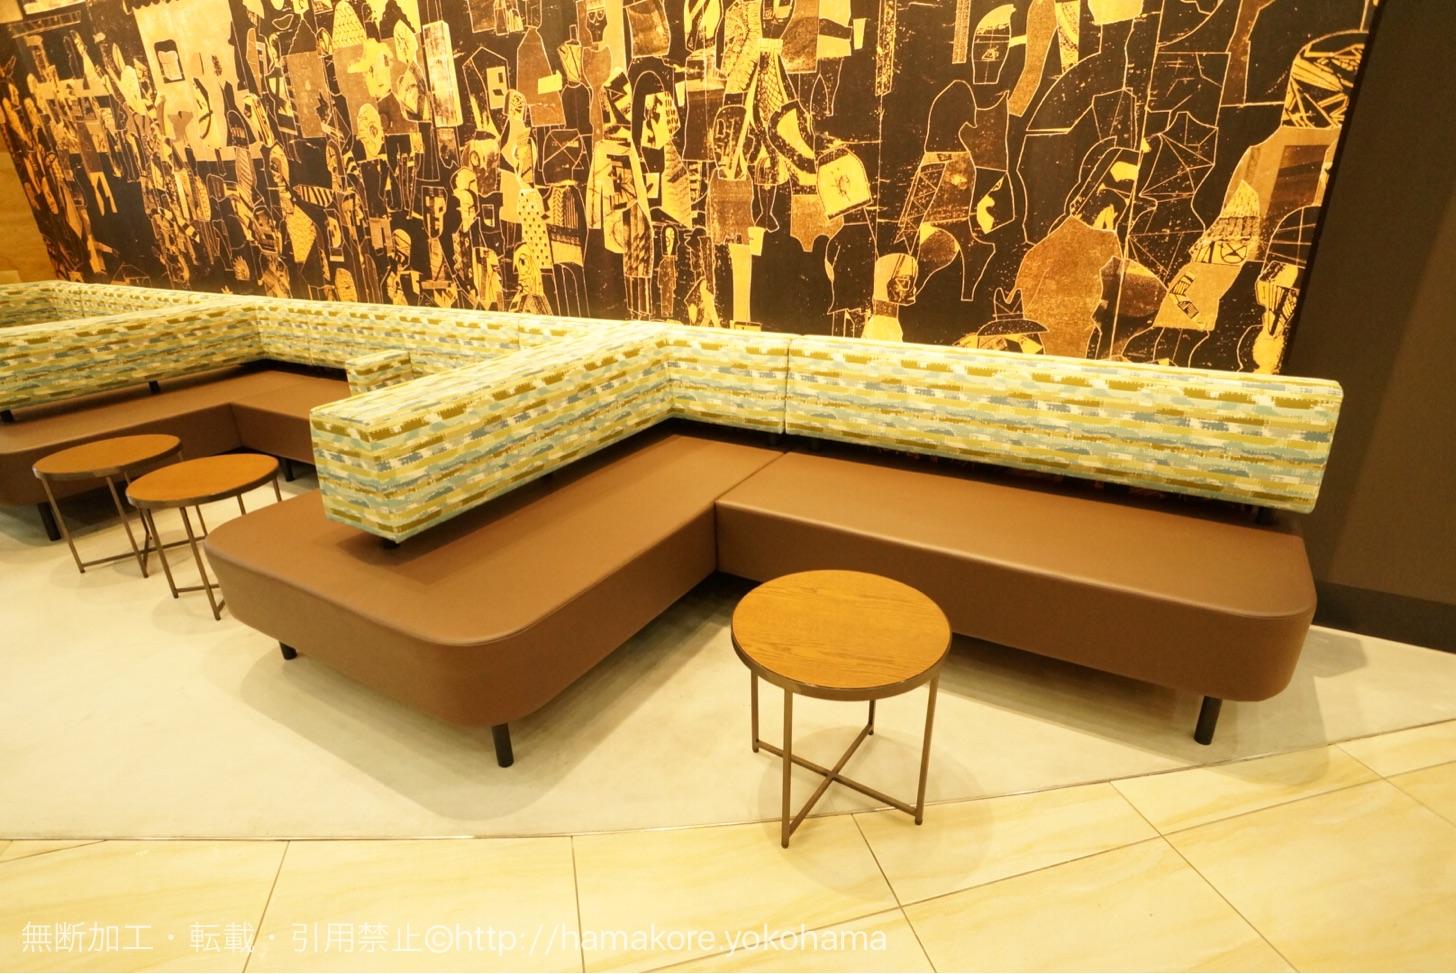 ソファをメインと丸いテーブル席